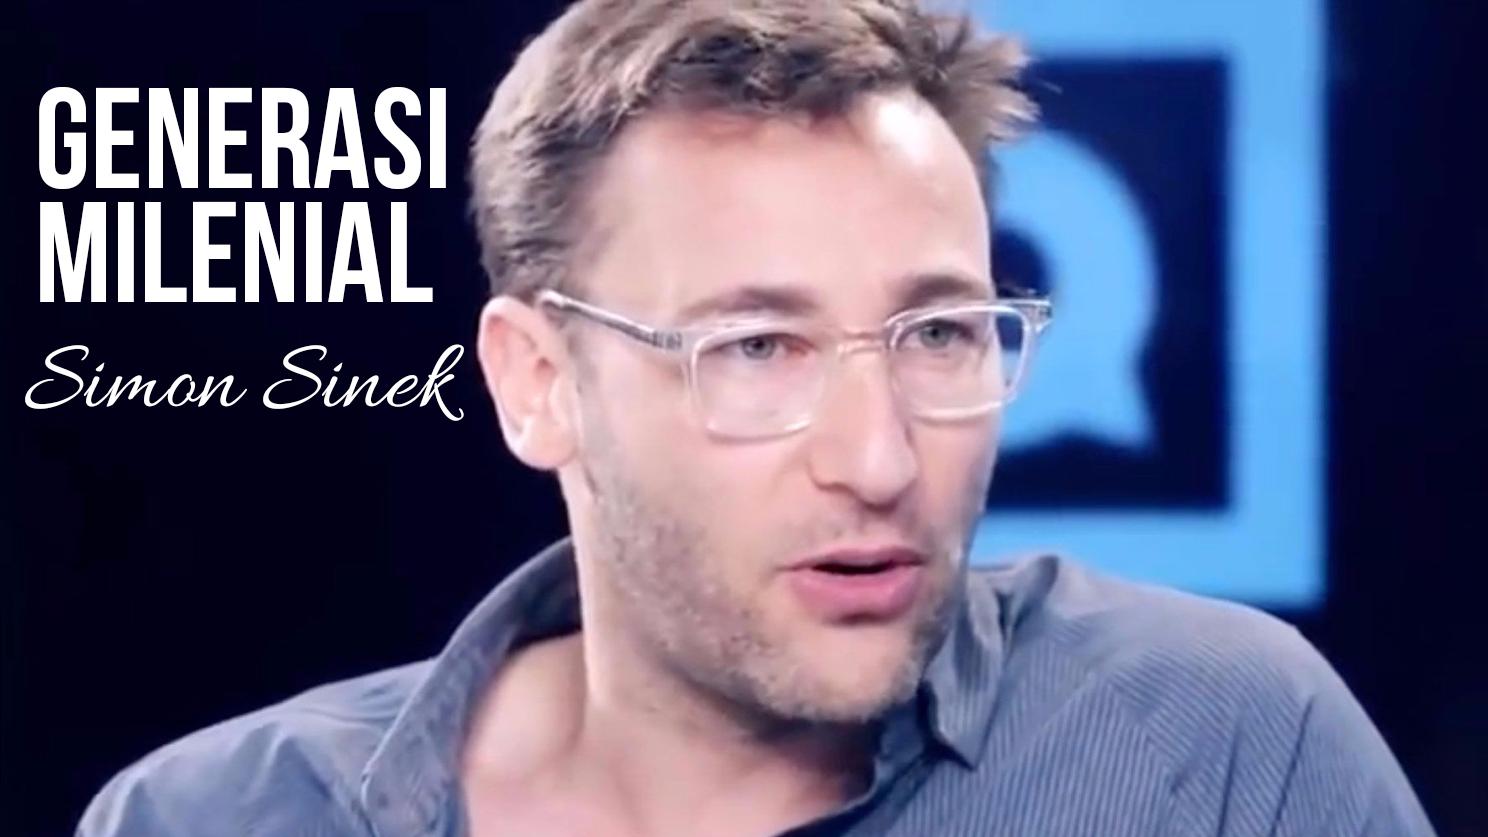 Simon Sinek - Generasi Milenial